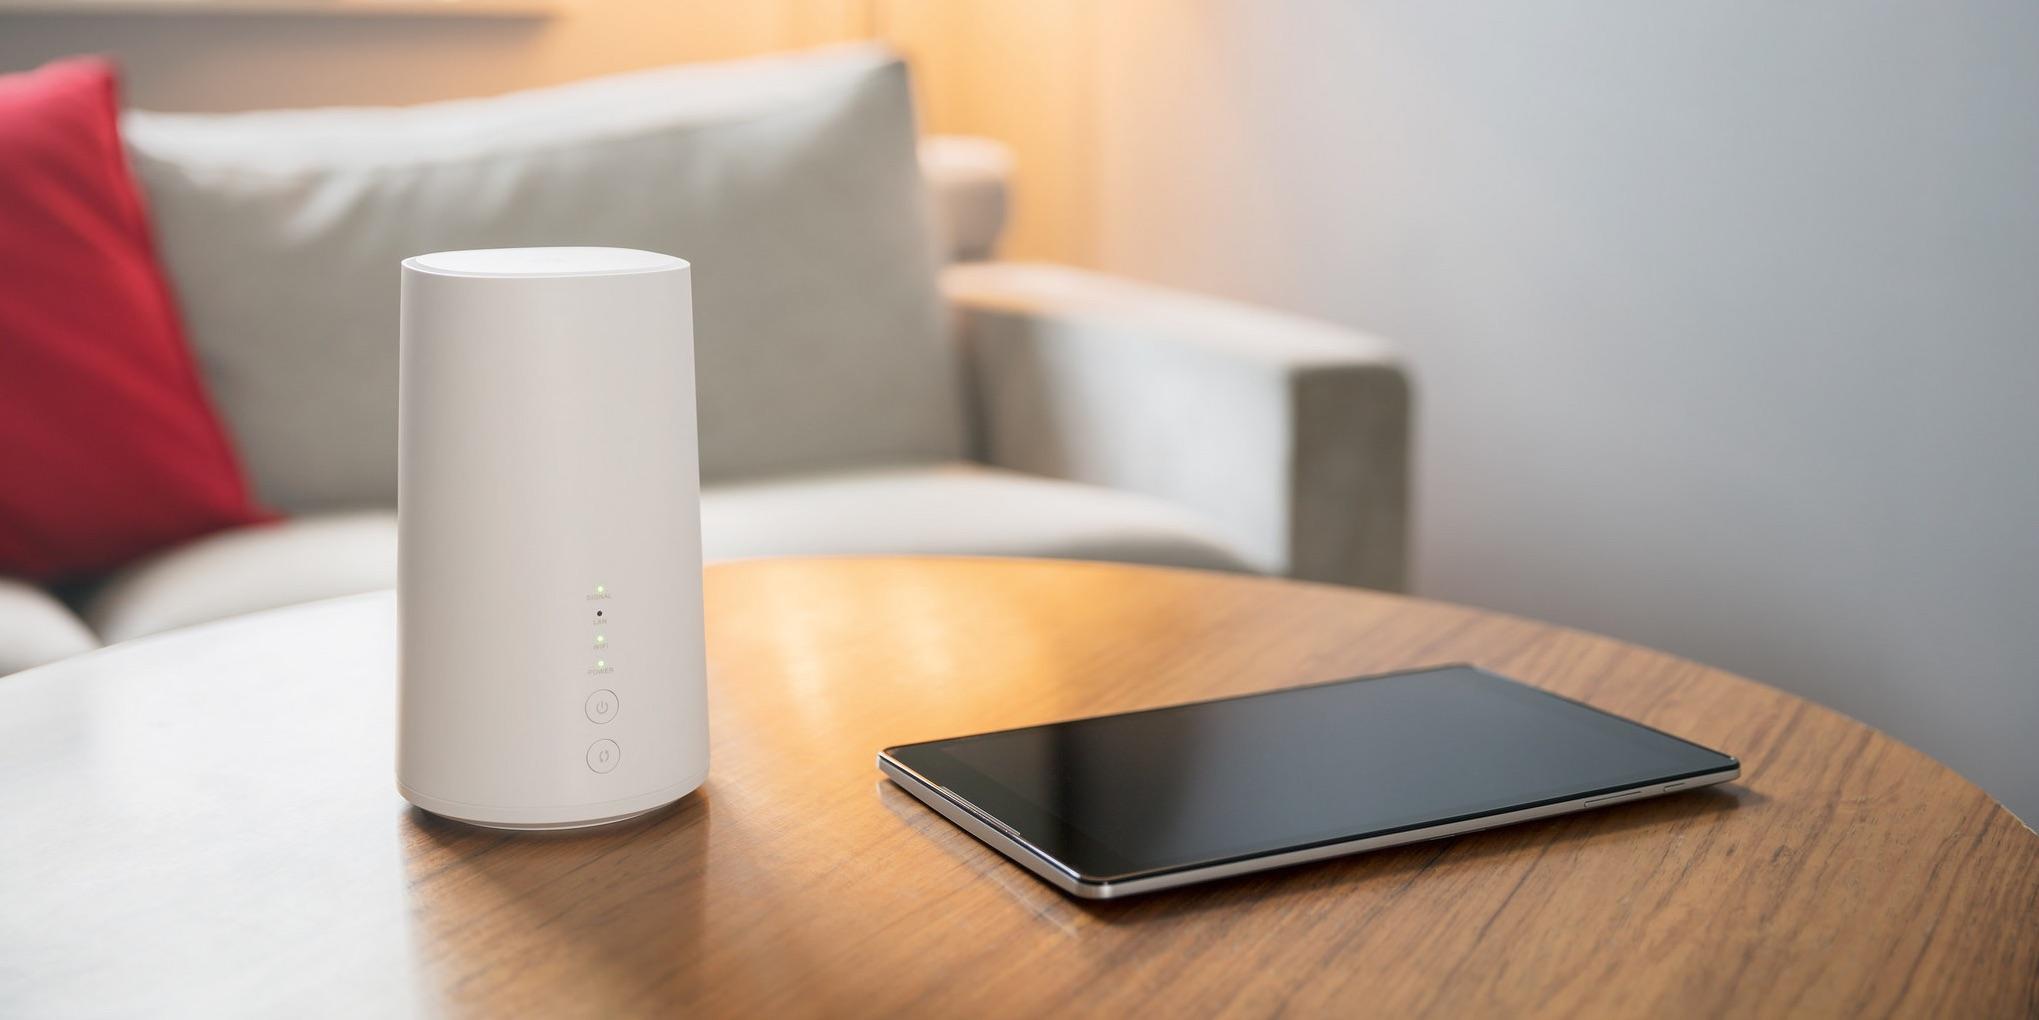 Bouygues Telecom modifie son forfait box 4G avec de l'internet vraiment illimité et monte son prix